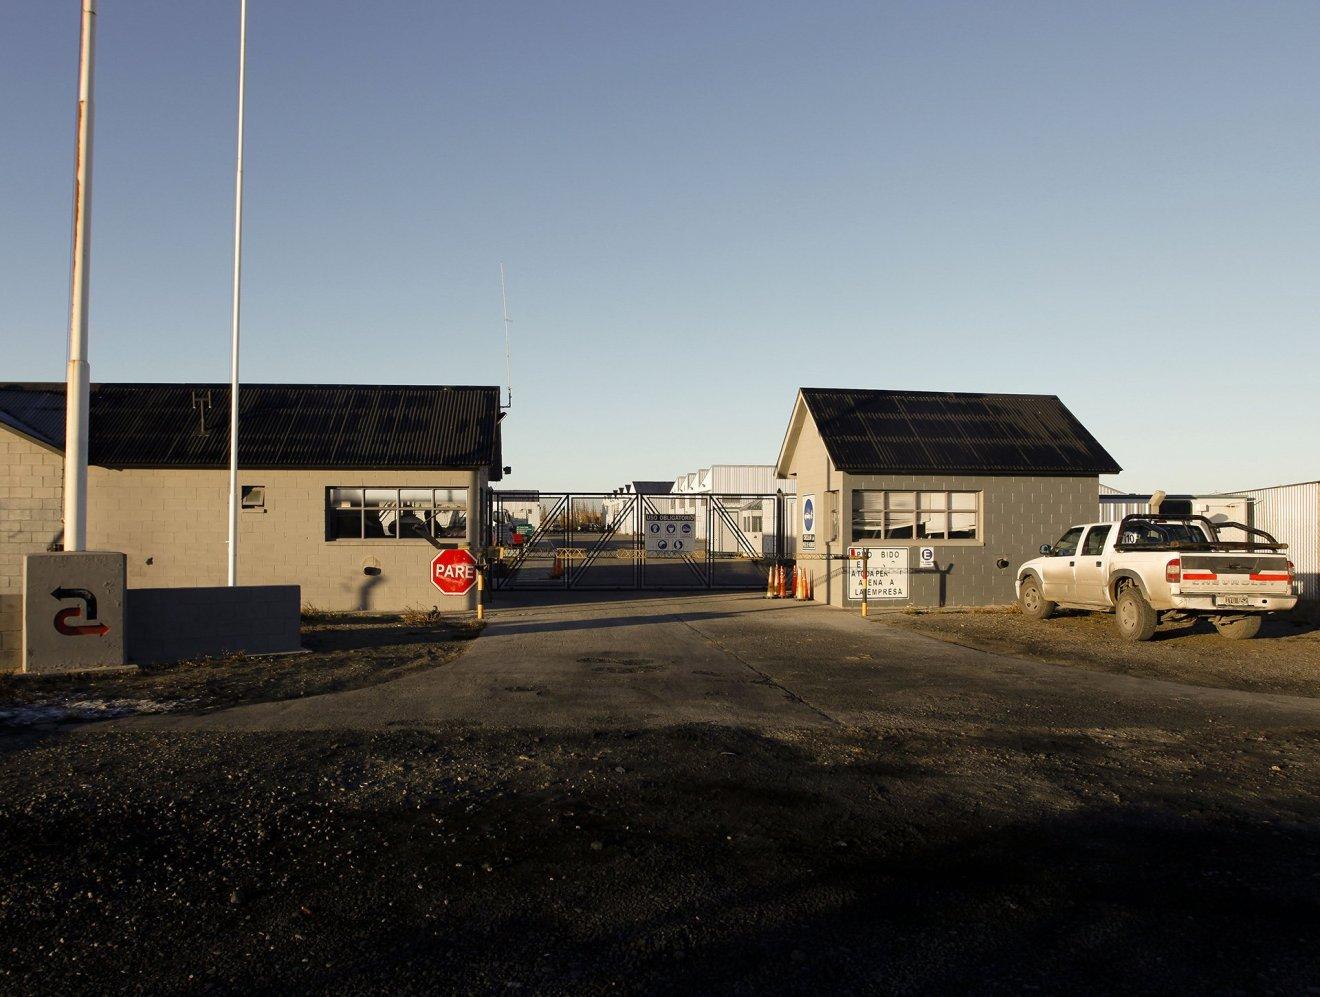 Los agentes de la PSA se llevaron de la intendencia y de una de las  oficinas de Austral Construcciones documentación que en los próximos  días será remitida al juzgado de Torres, en los tribunales de Comodoro  Py